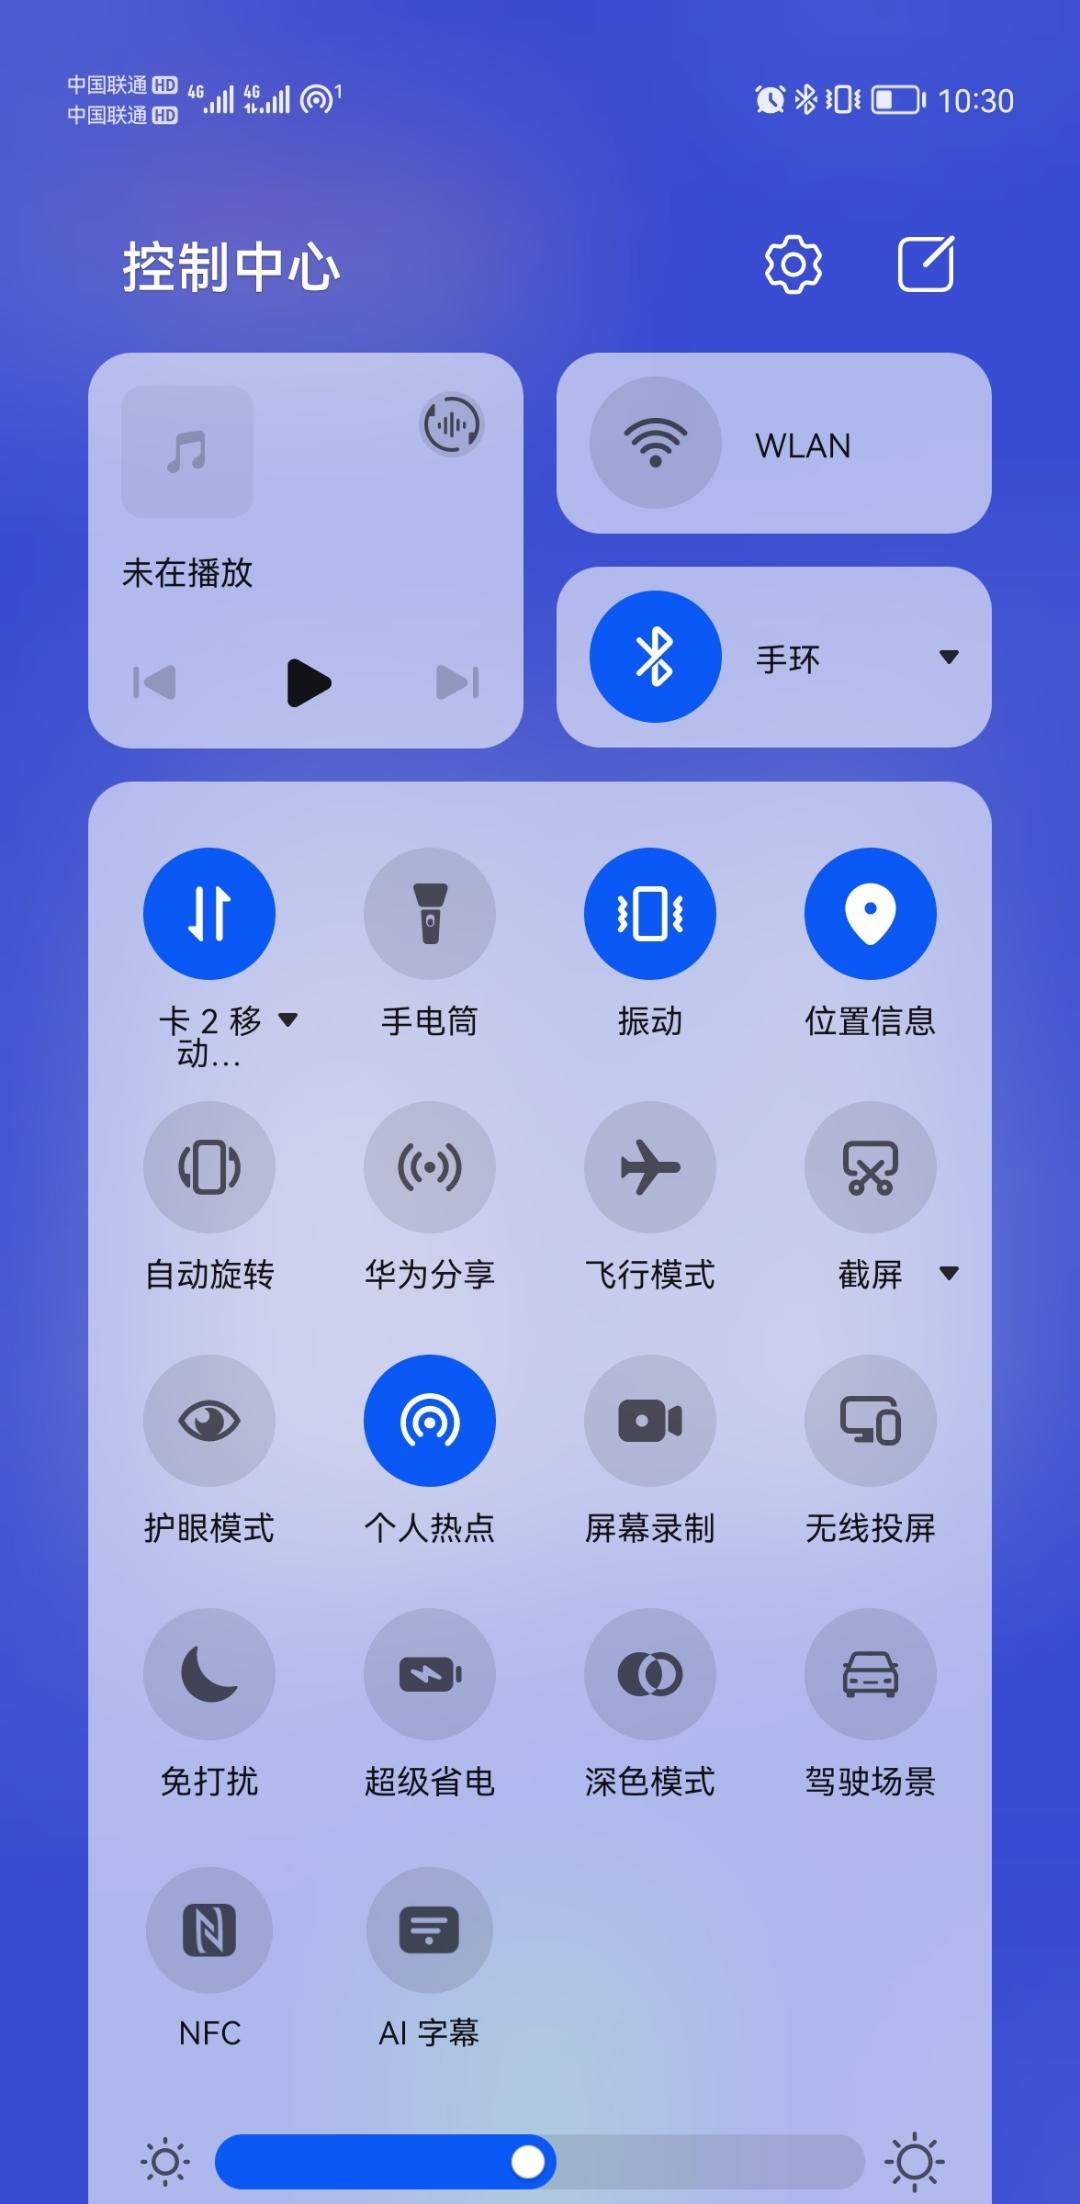 Screenshot_20210603_103025_com.huawei.android.launcher.jpg